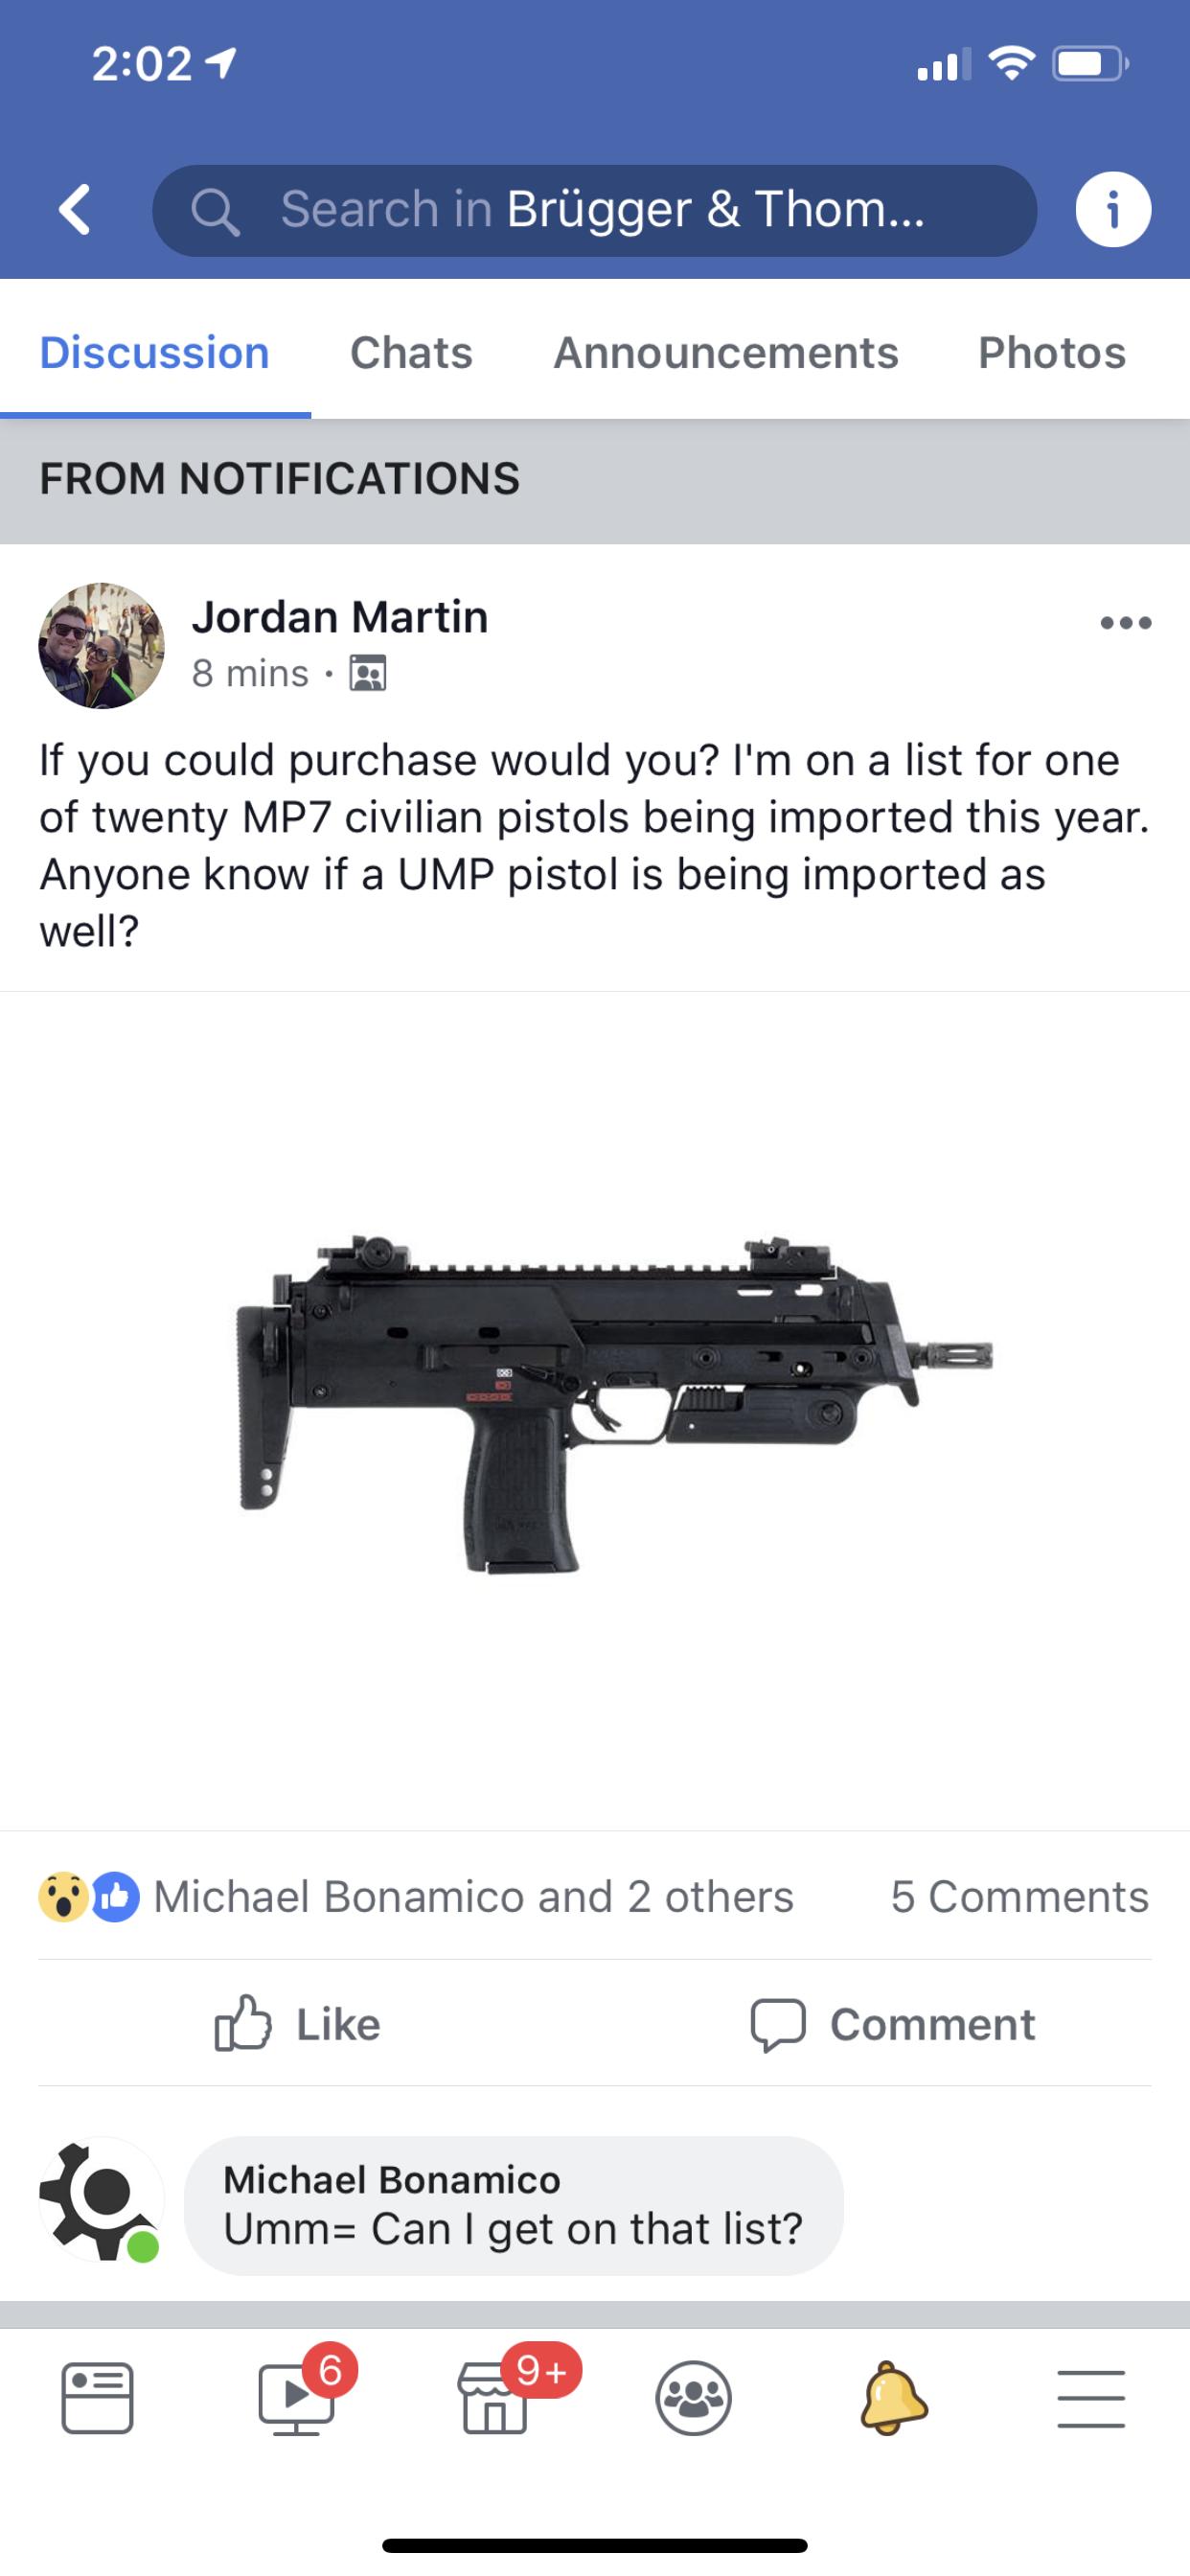 MP7 civilian pistols?